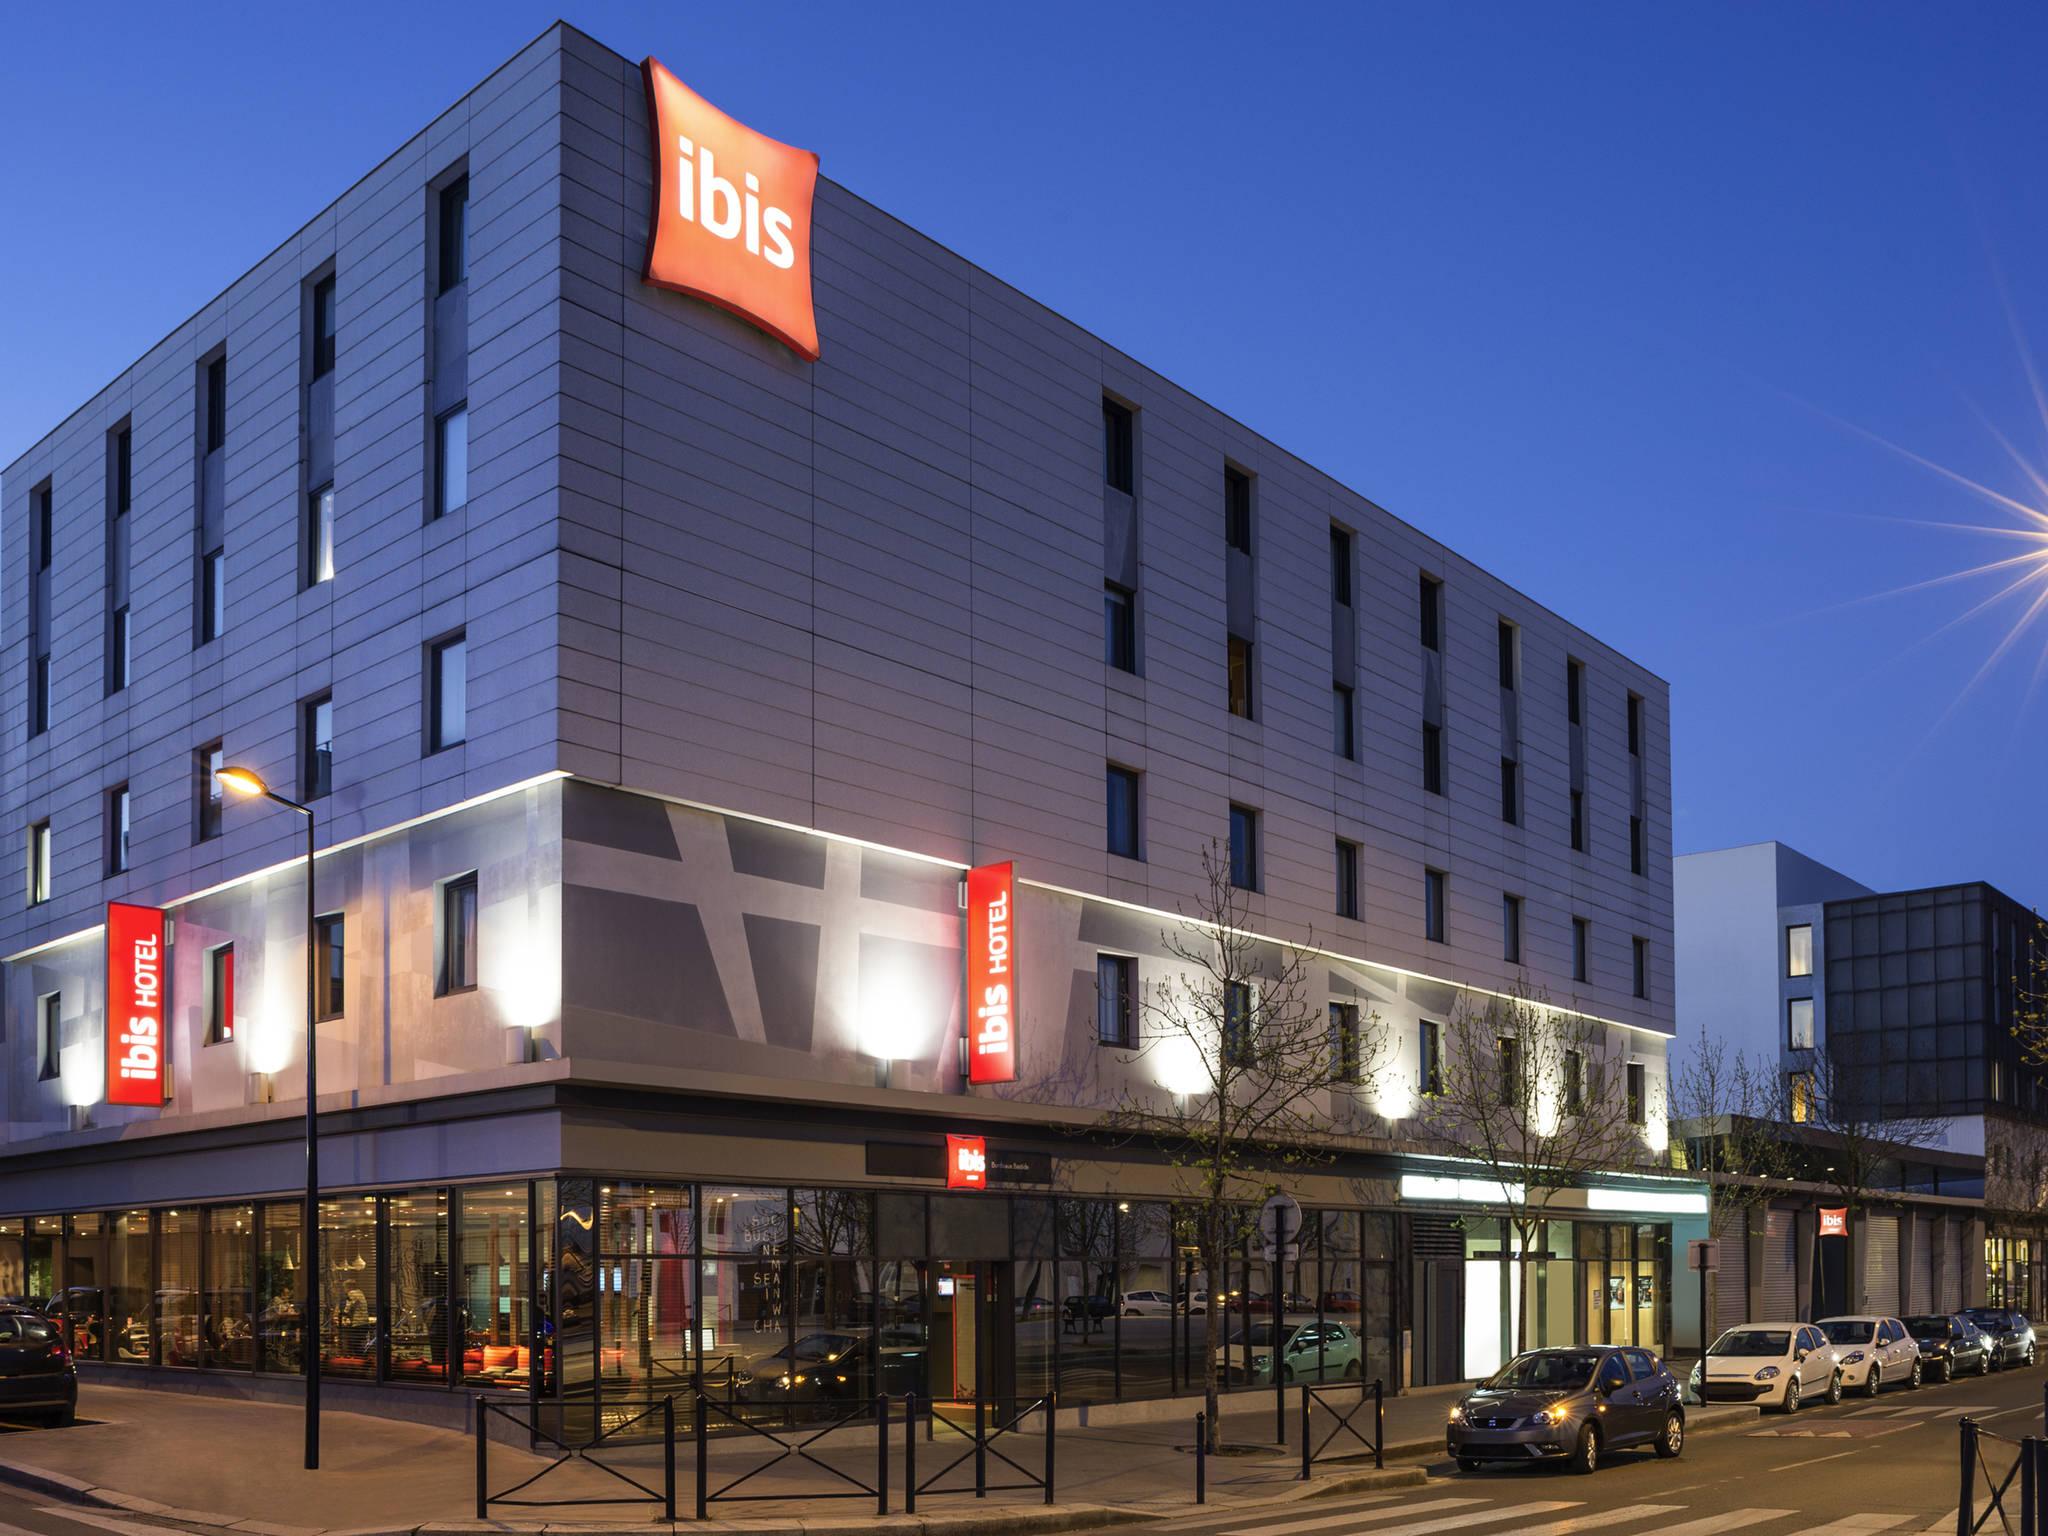 Hotel Ibis Bordeaux Centre